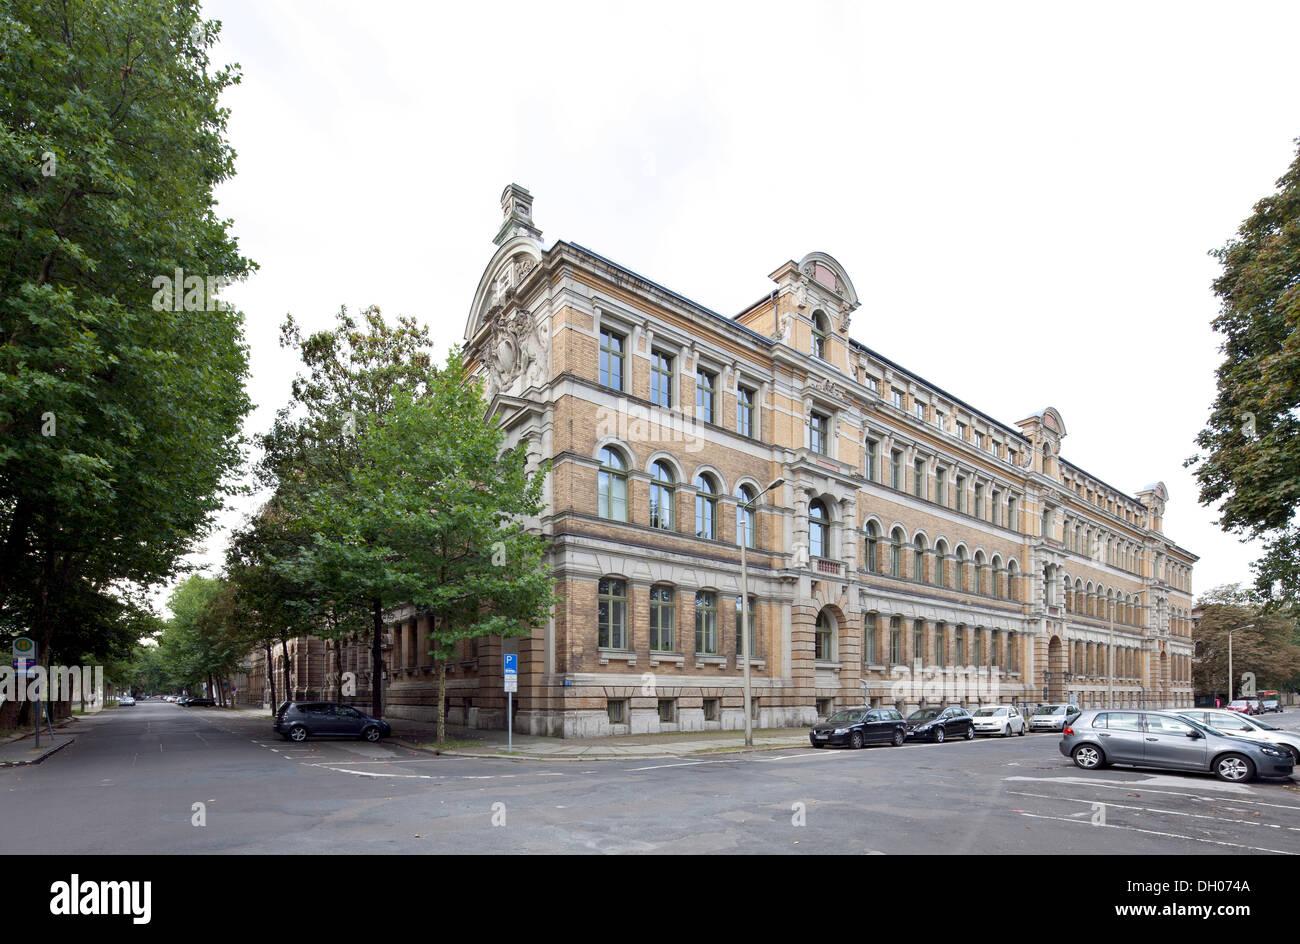 Leipzig University of Applied Sciences, Leipzig, Saxony, PublicGround - Stock Image